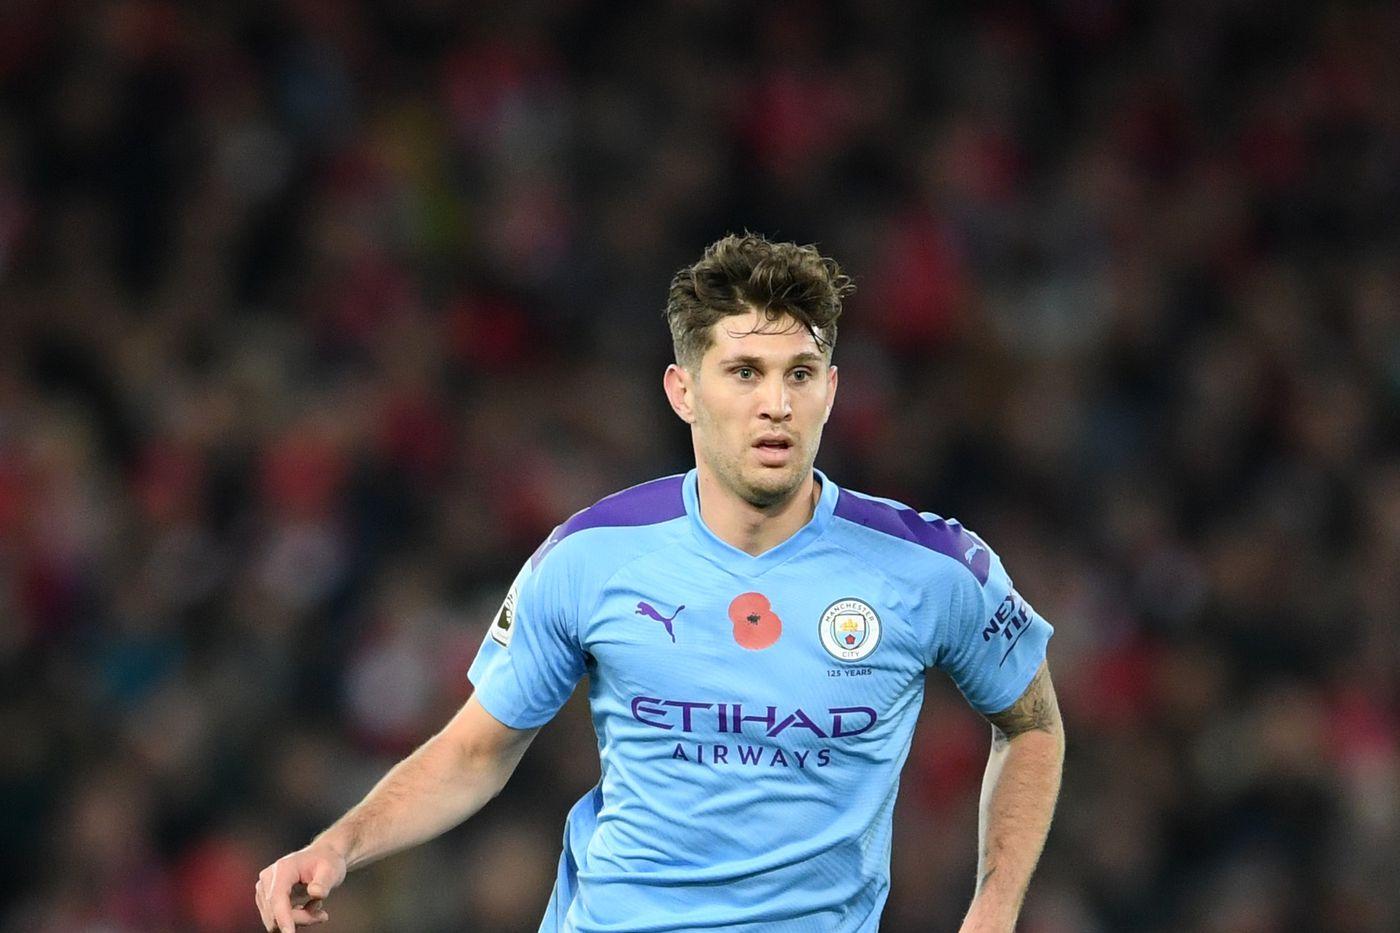 Parlour wants Stones at Arsenal  - Bóng Đá